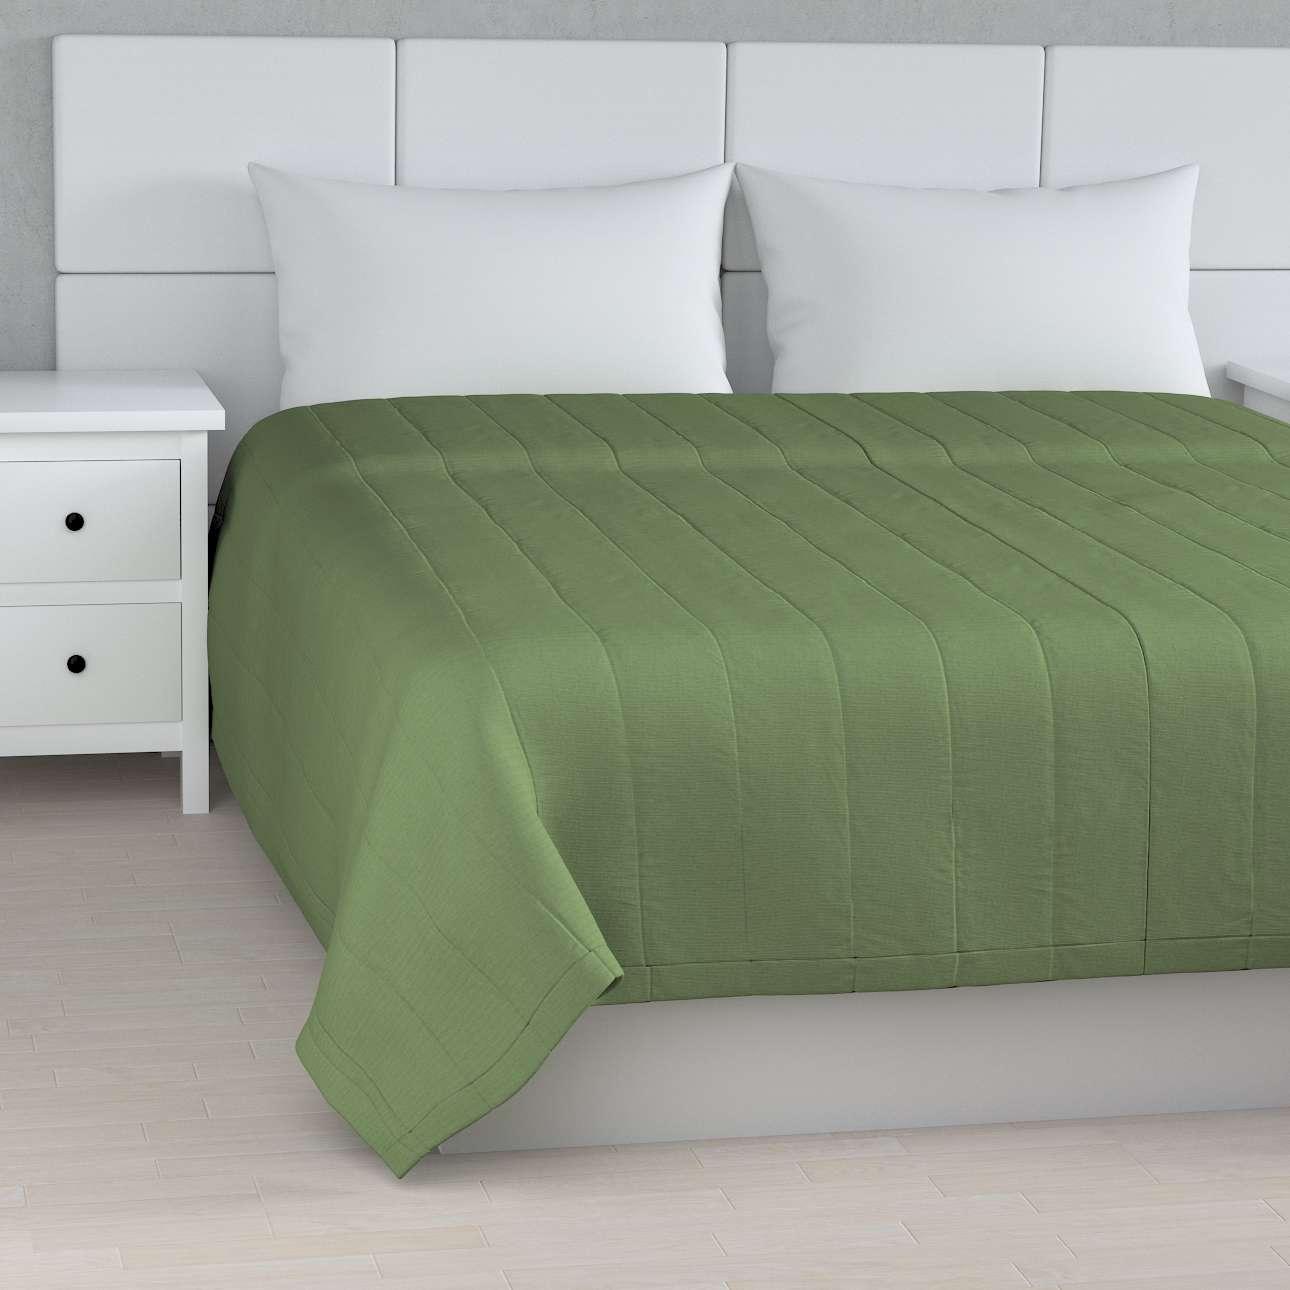 Tagesdecke mit Streifen-Steppung, grün, 170 × 210 cm, Jupiter | Heimtextilien > Decken und Kissen > Tagesdecken und Bettüberwürfe | Dekoria